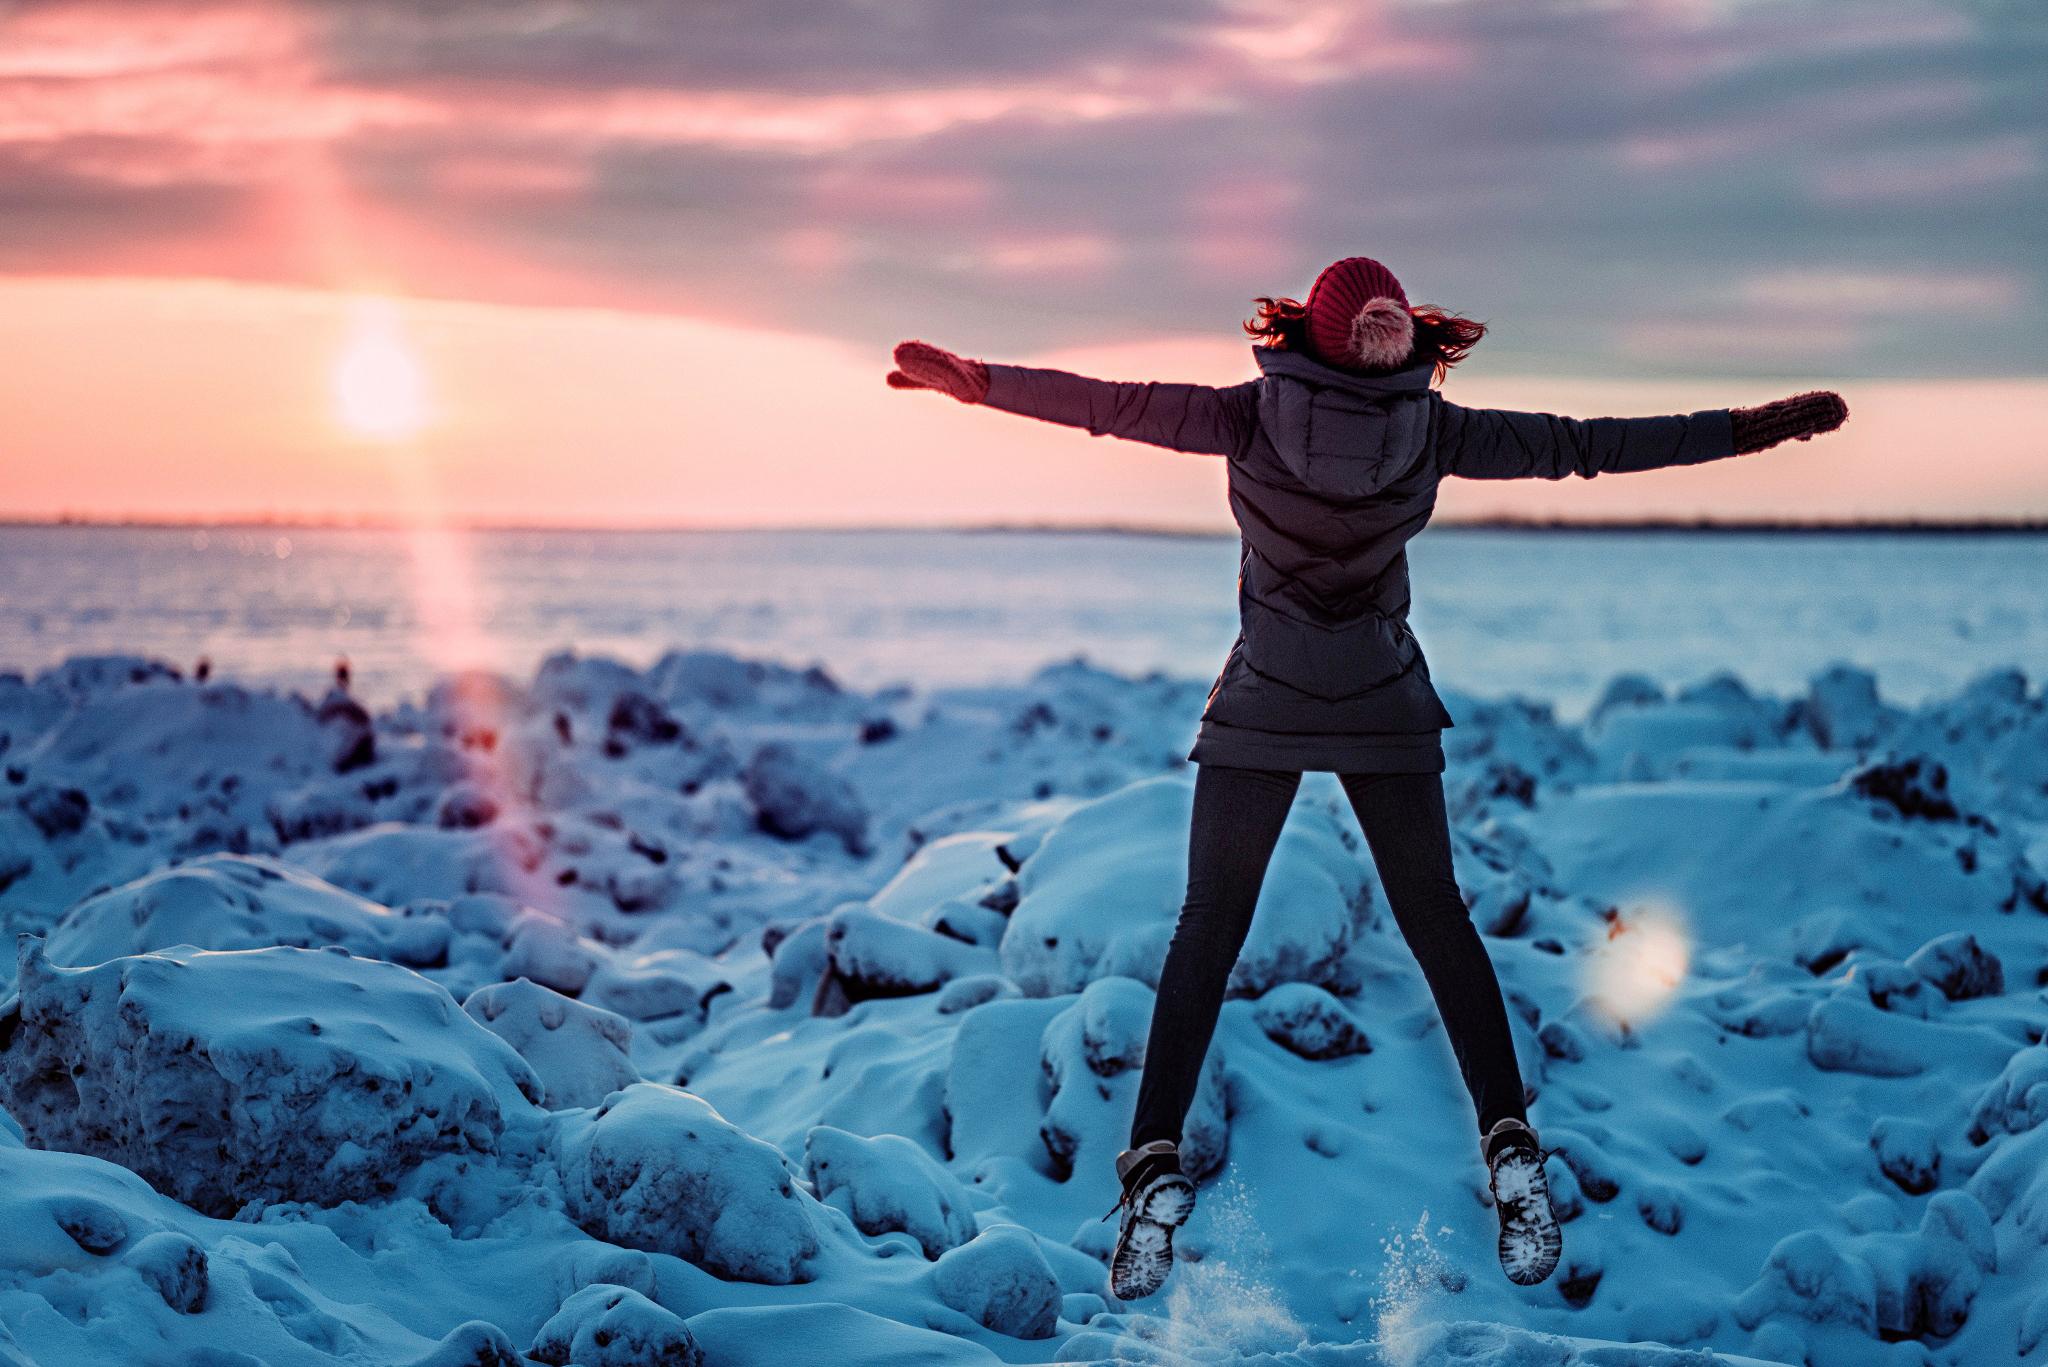 Изумительные зимние картинки также встретить